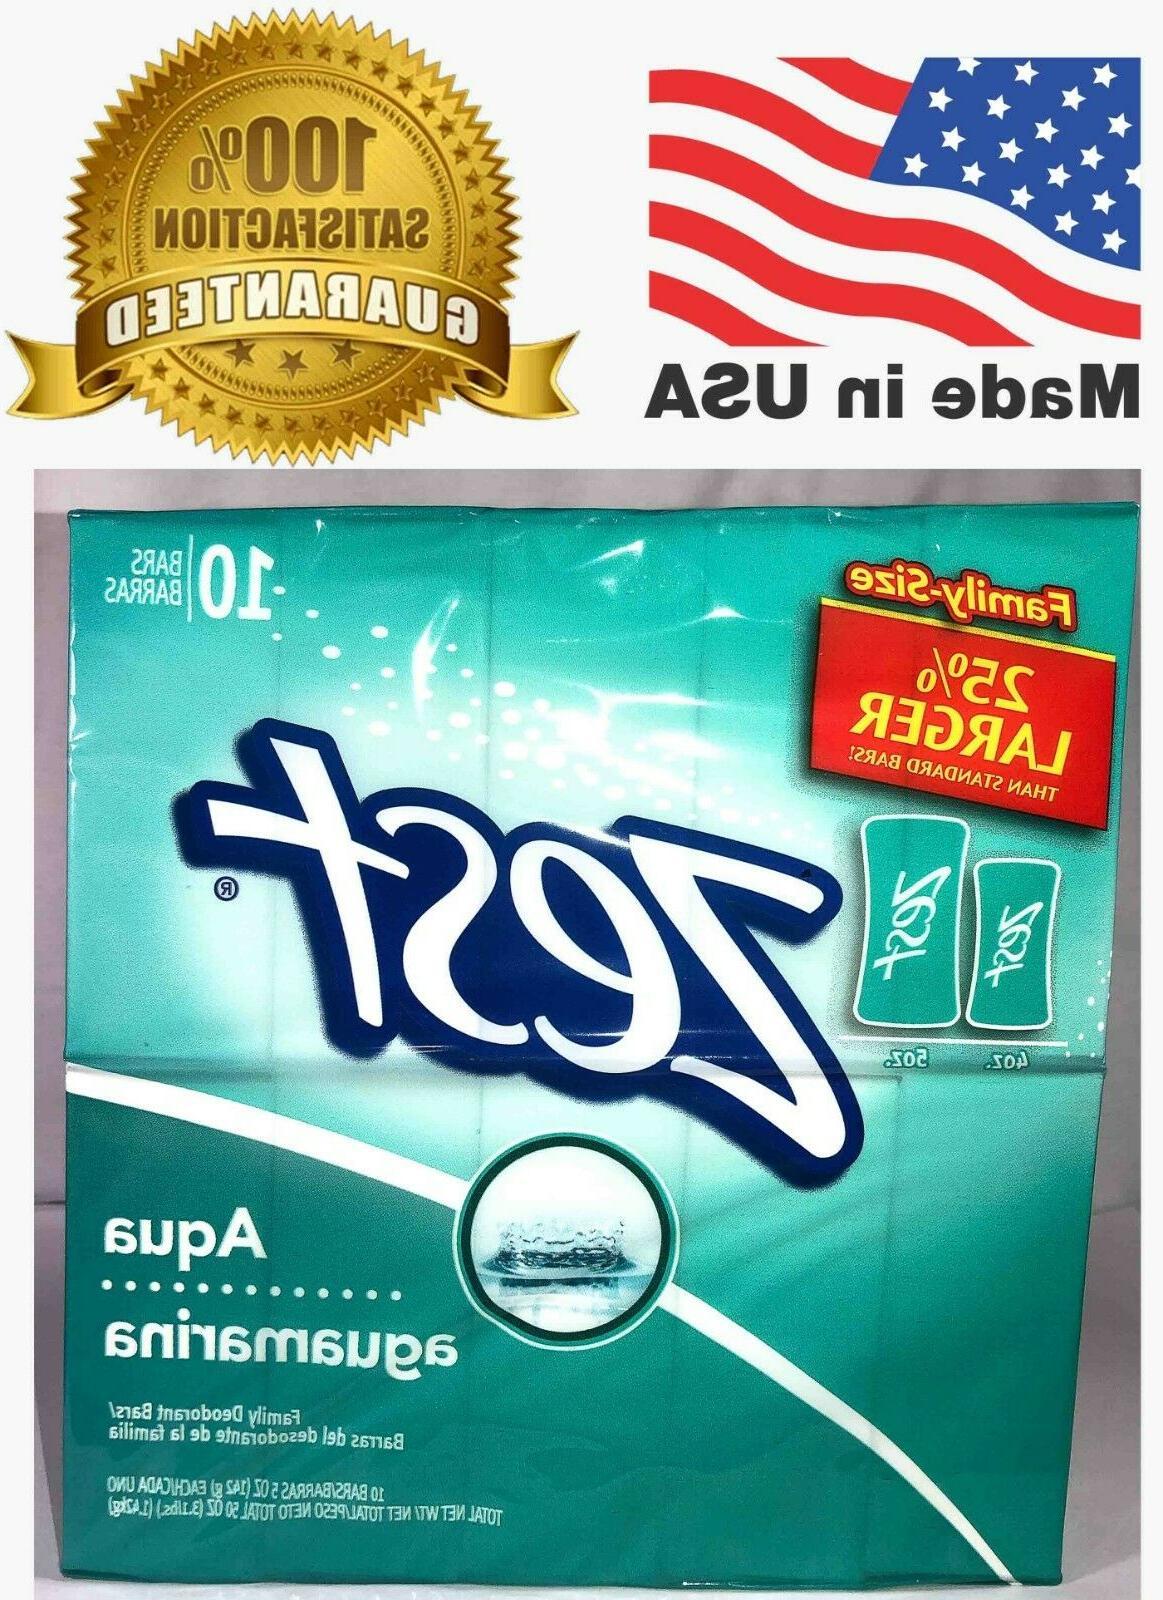 10 bars 5oz aqua aguamarina family size